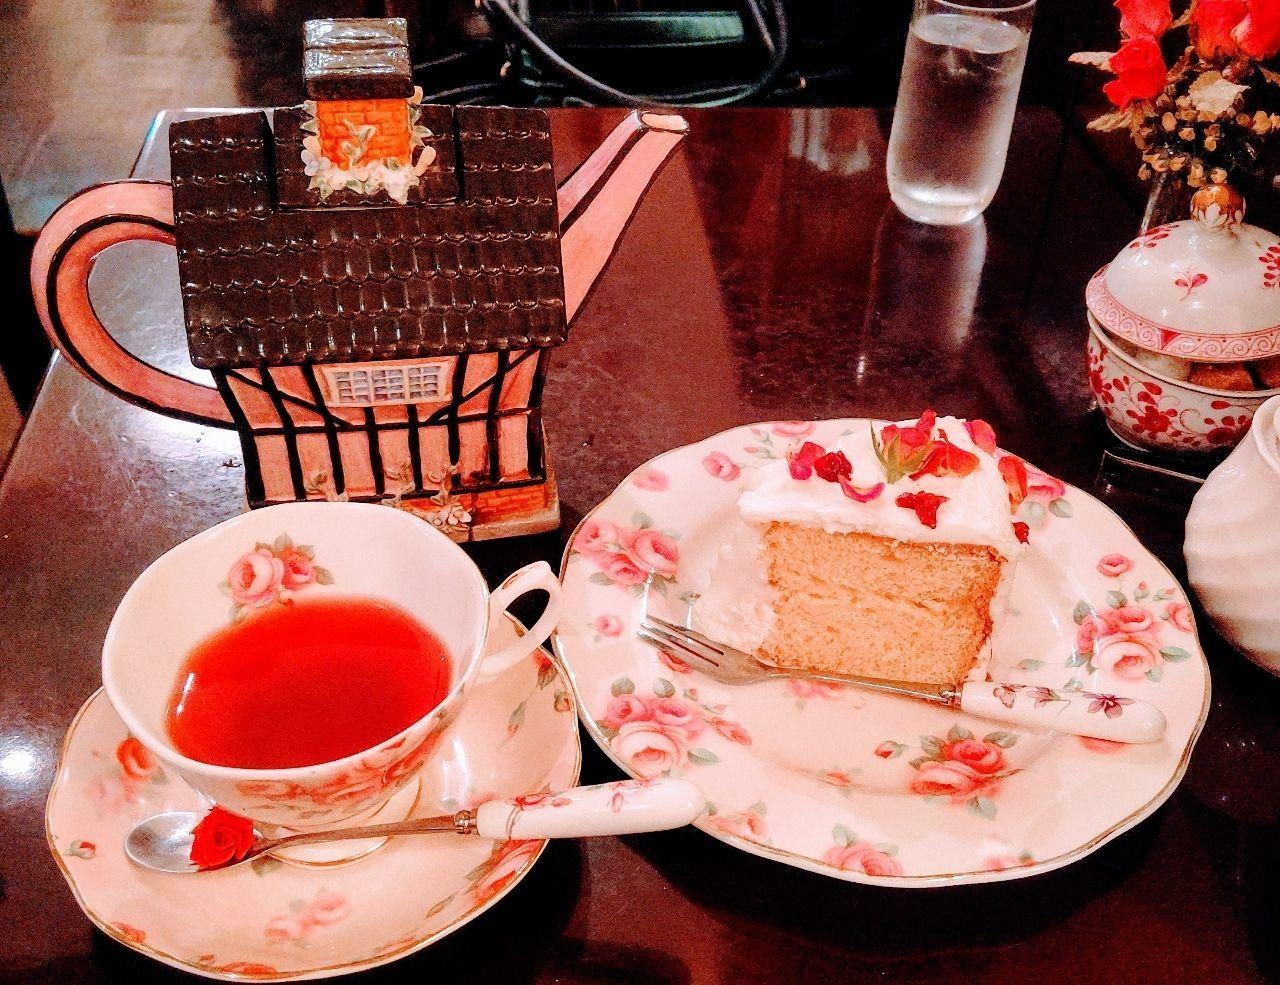 #グルメ #おでかけ #カフェ #ケーキ #紅茶 #薔薇 #ローズ #目白 #東京